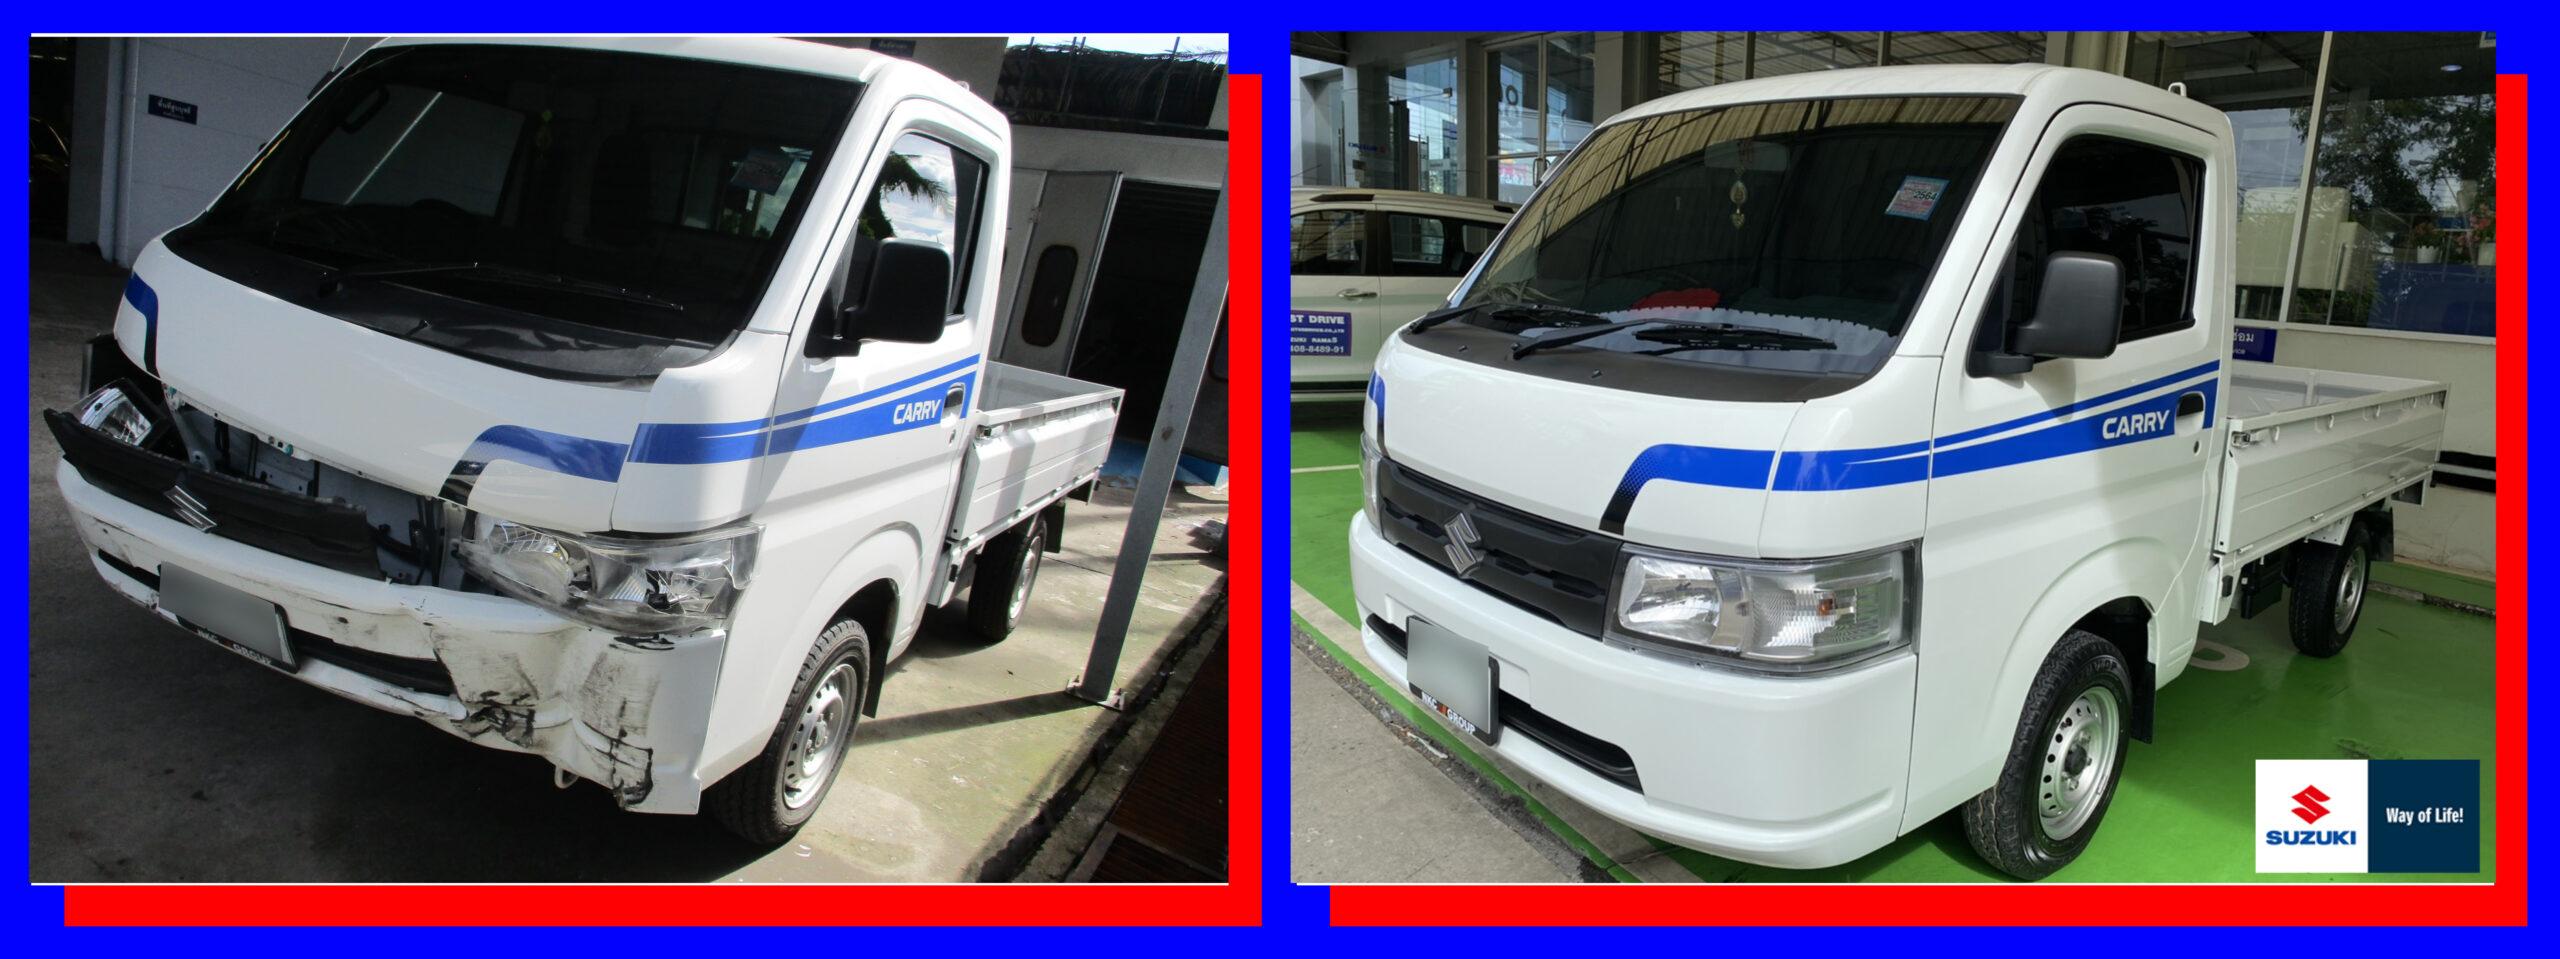 ซ่อมสี Suzuki 2